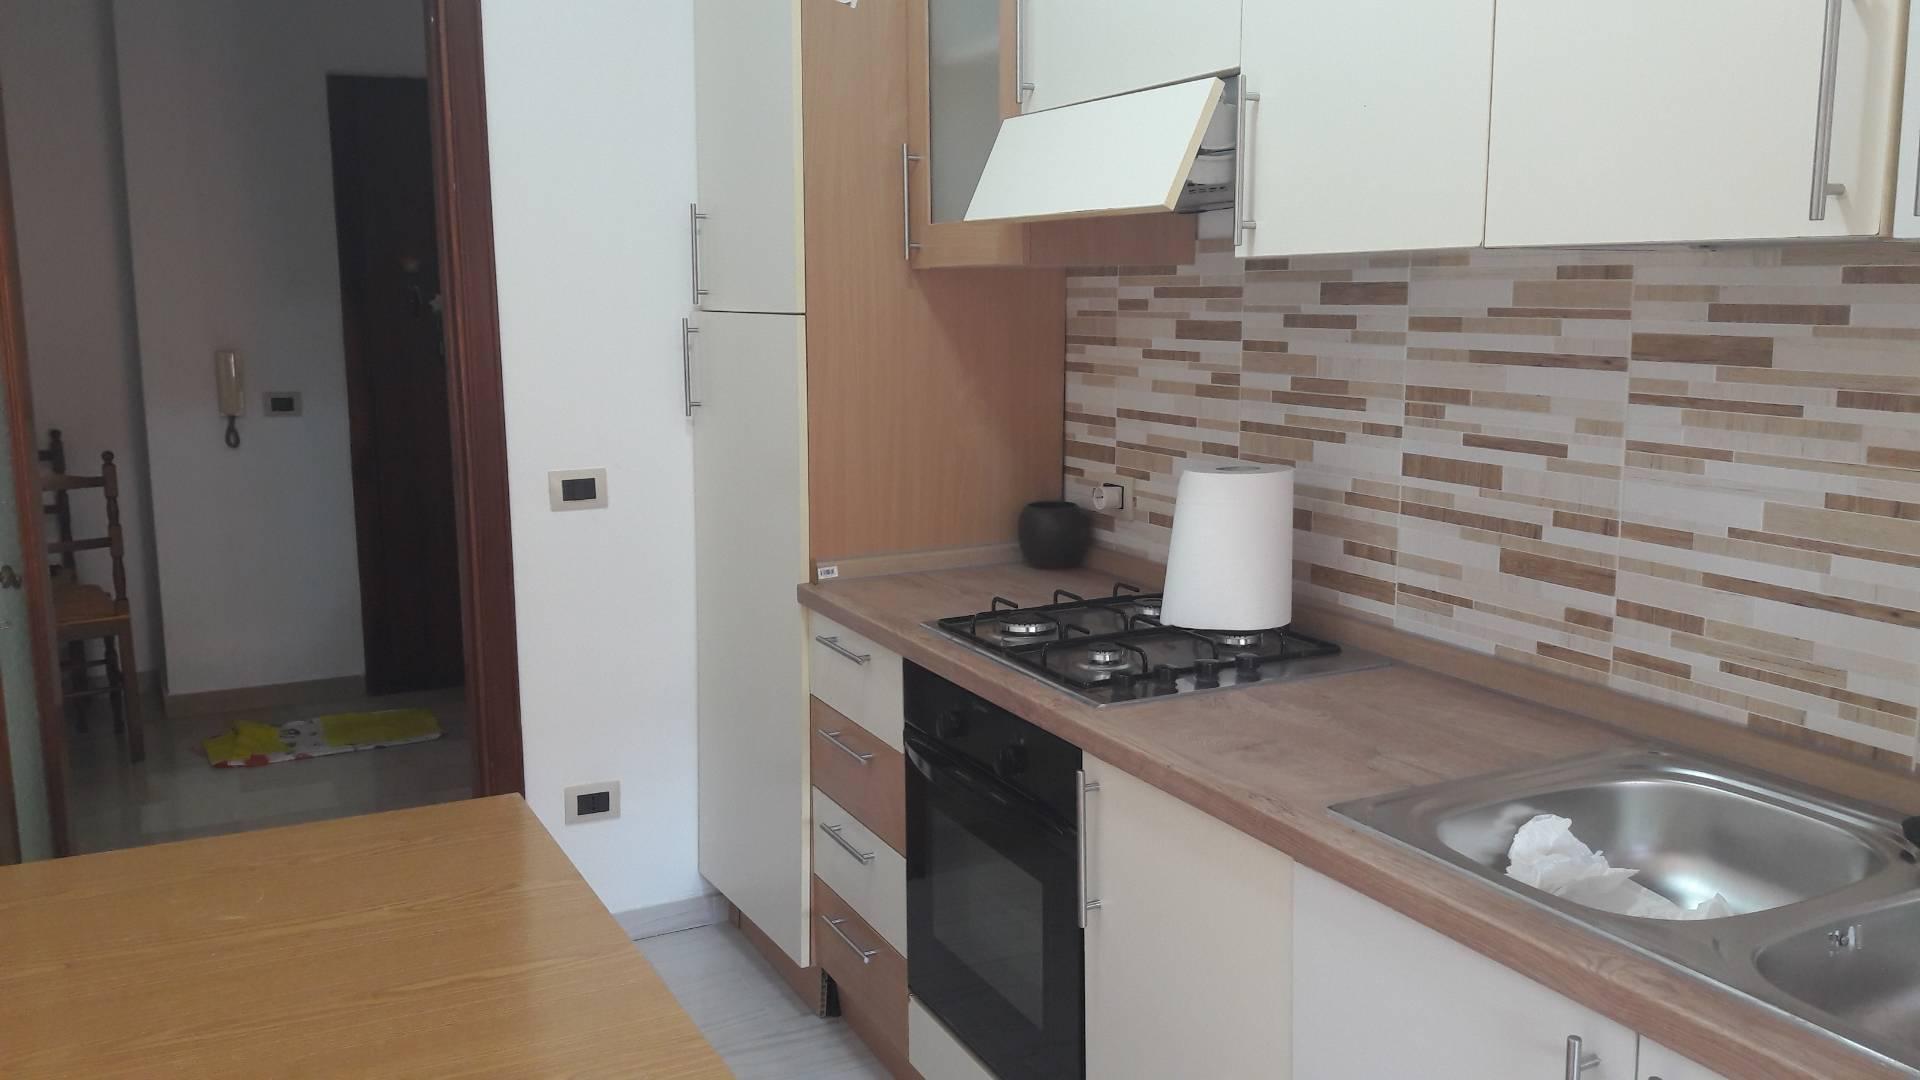 Appartamento arredato in affitto, Chieti scalo